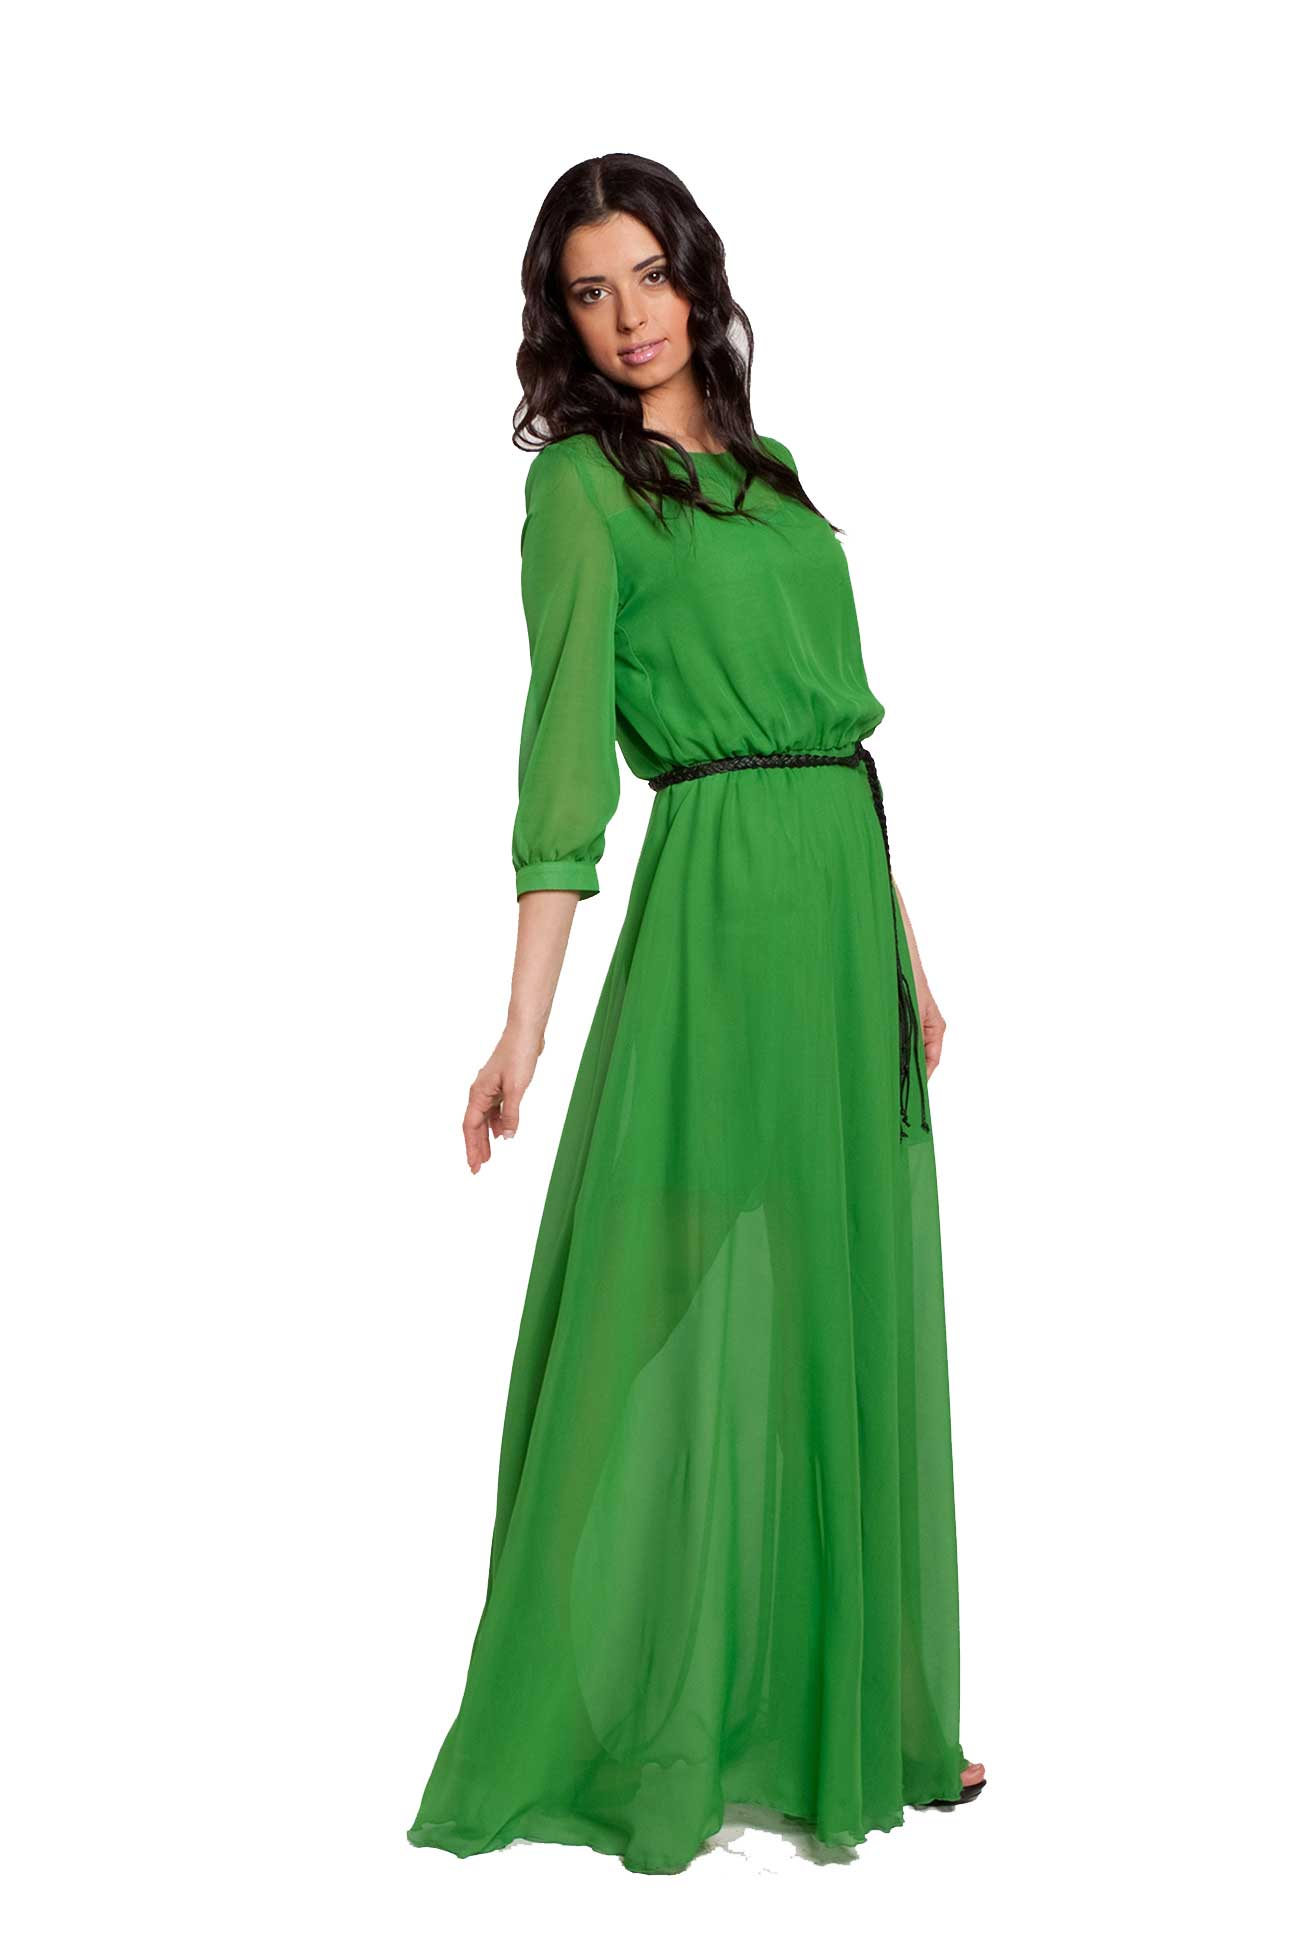 Платье с корсетом и пышной юбкой, короткие